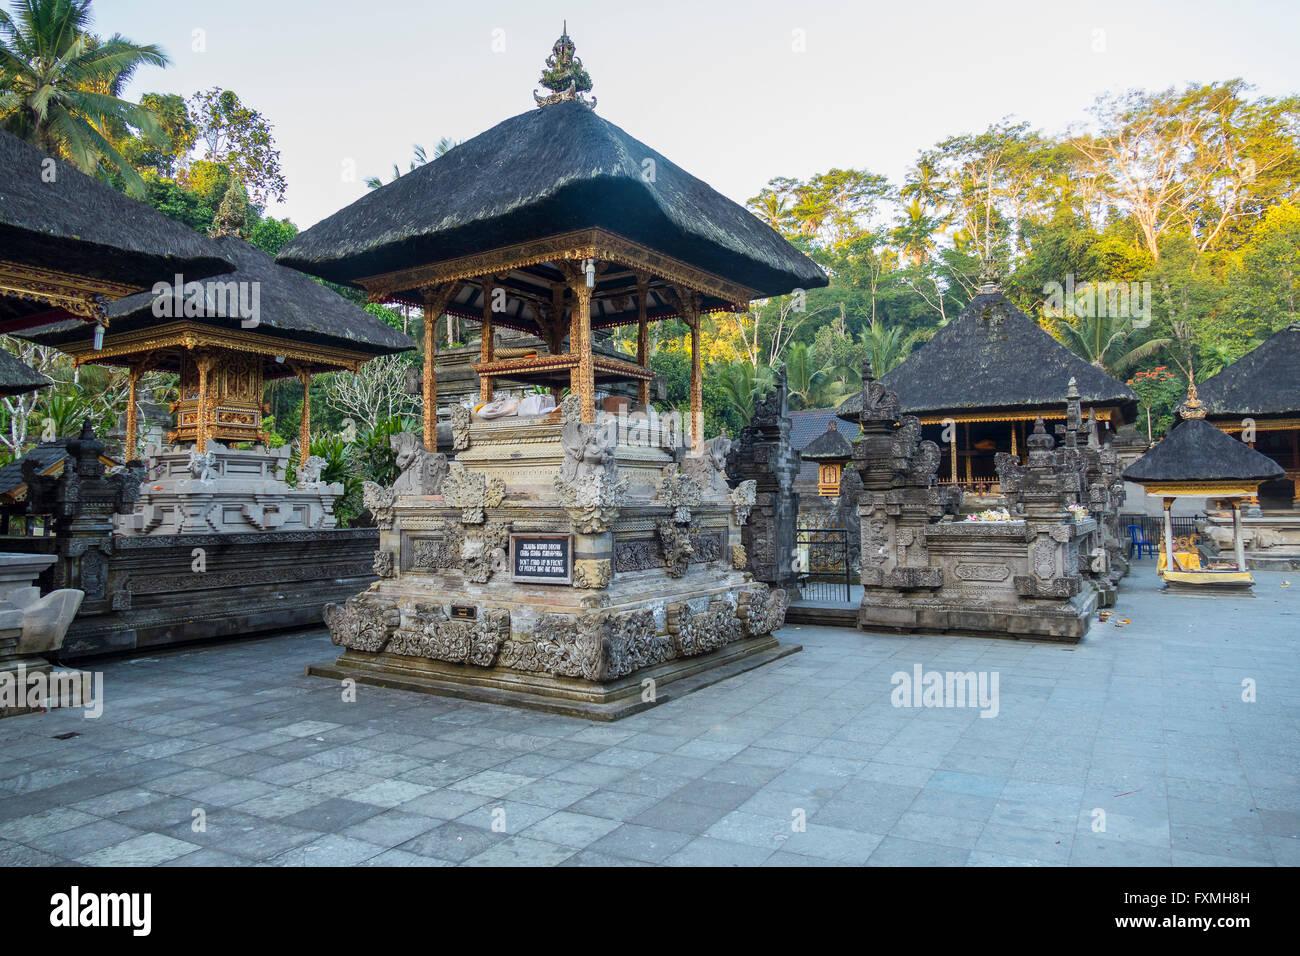 Pura Tirta Empul Temple, Ubud, Bali, Indonesia - Stock Image